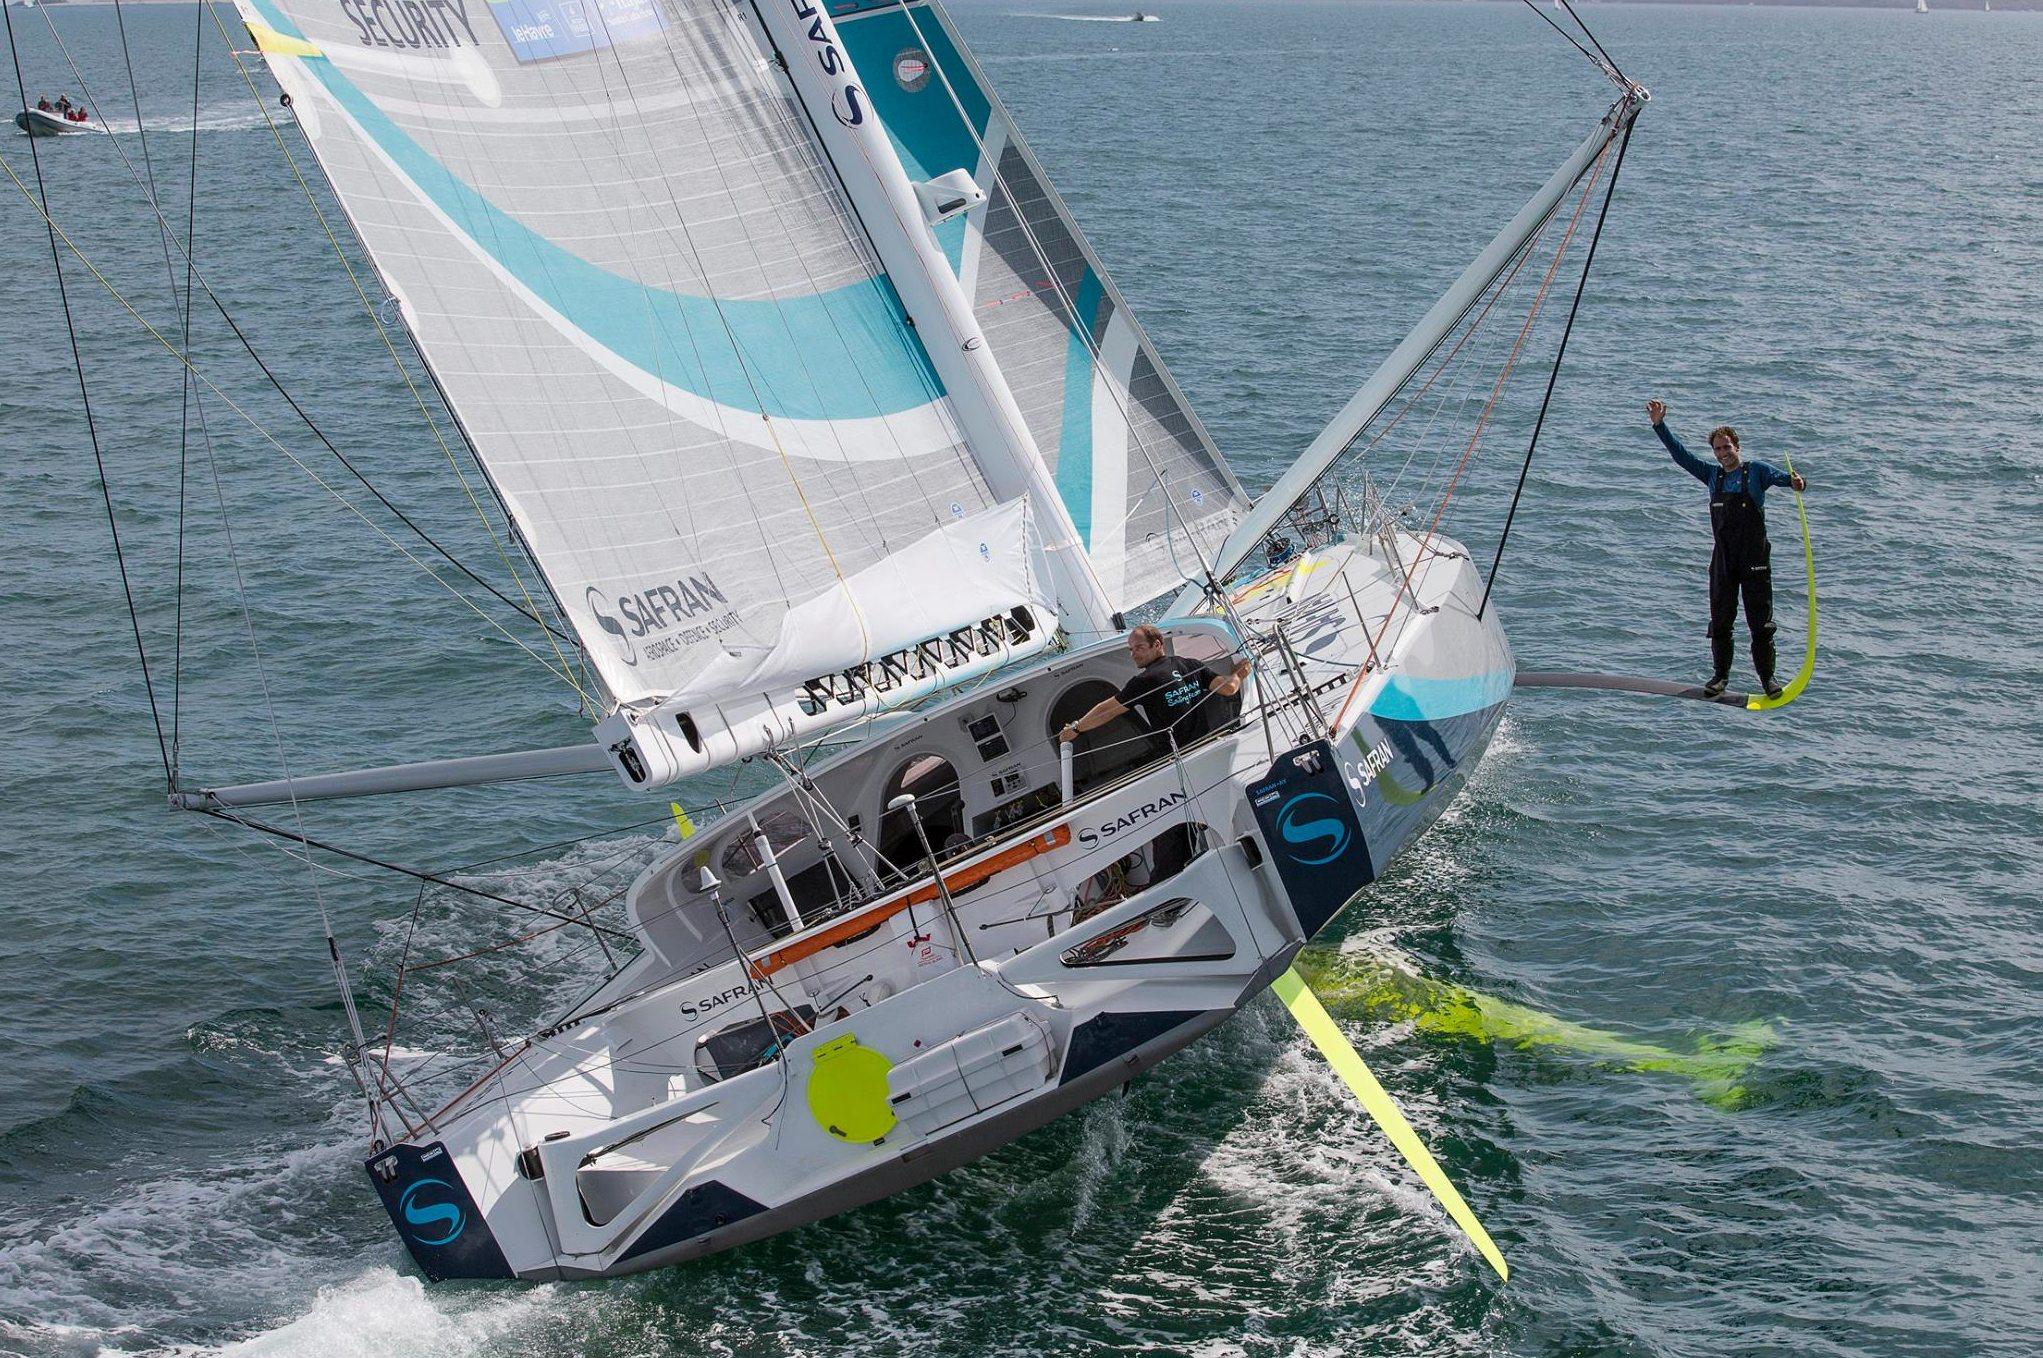 Morgan Lagraviere, der Skipper von Safran 2, wählt einen luftigen Platz auf den Foils während Nico Lunven von hand steuert. Foto: Jean Marie Liot/DPPI/Safran